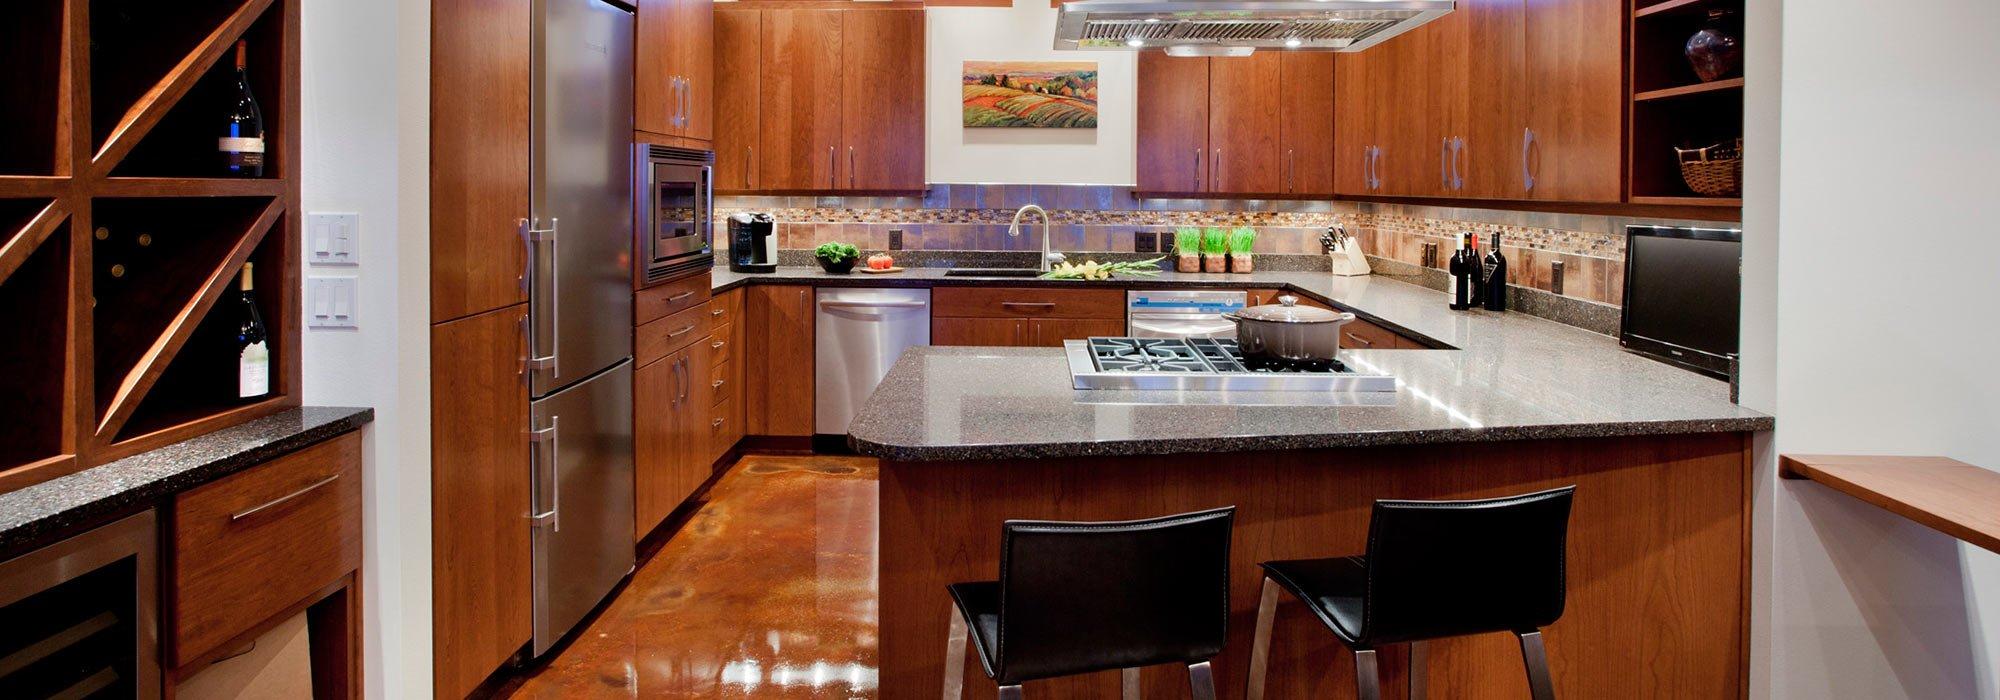 kitchen design and remodeling. Kitchen Design  Remodeling Stunning in Portland OR L Evans